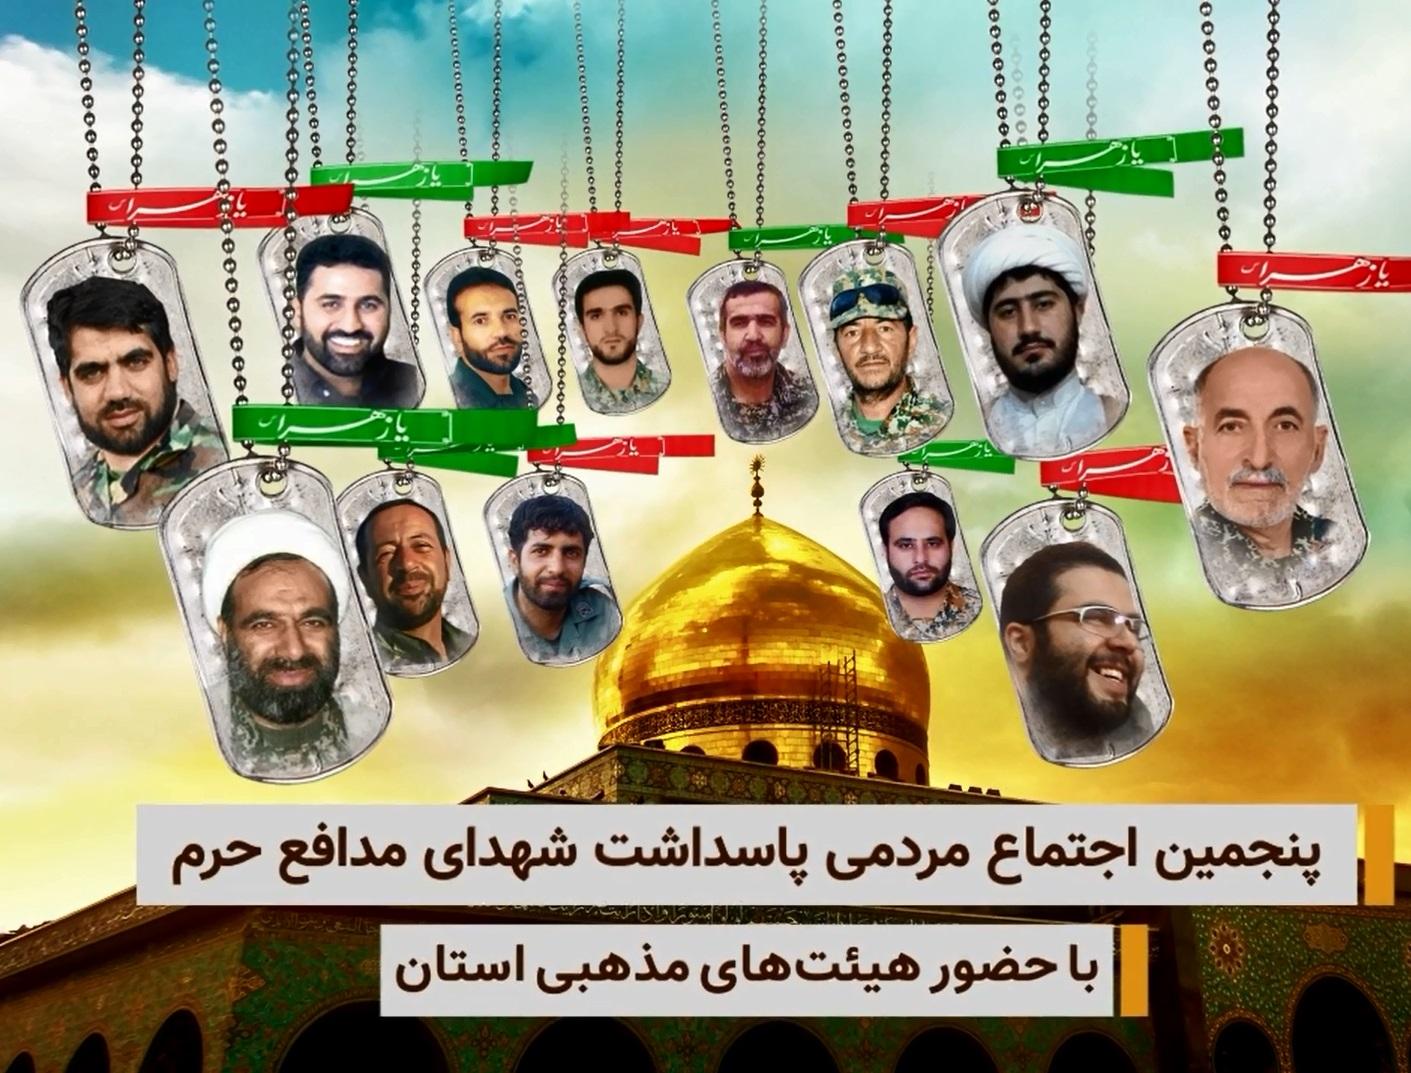 اجتماع پاسداشت شهدای مدافع حرم استان در شهرکرد